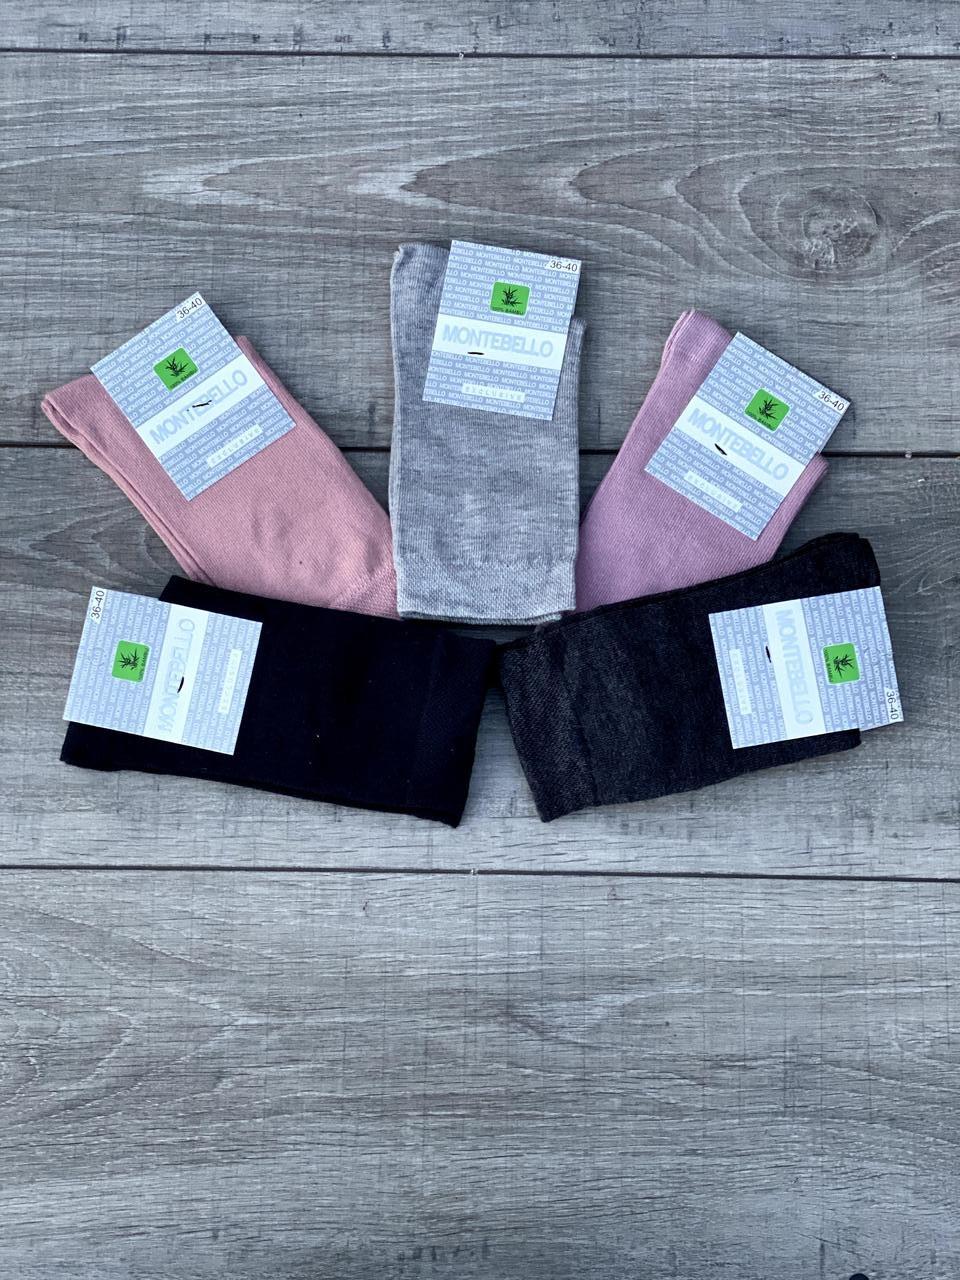 Жіночі носки шкарпетки стрейчеві високі Montebello однотонні 36-40 12 шт в уп мікс із 5-ти кольорів